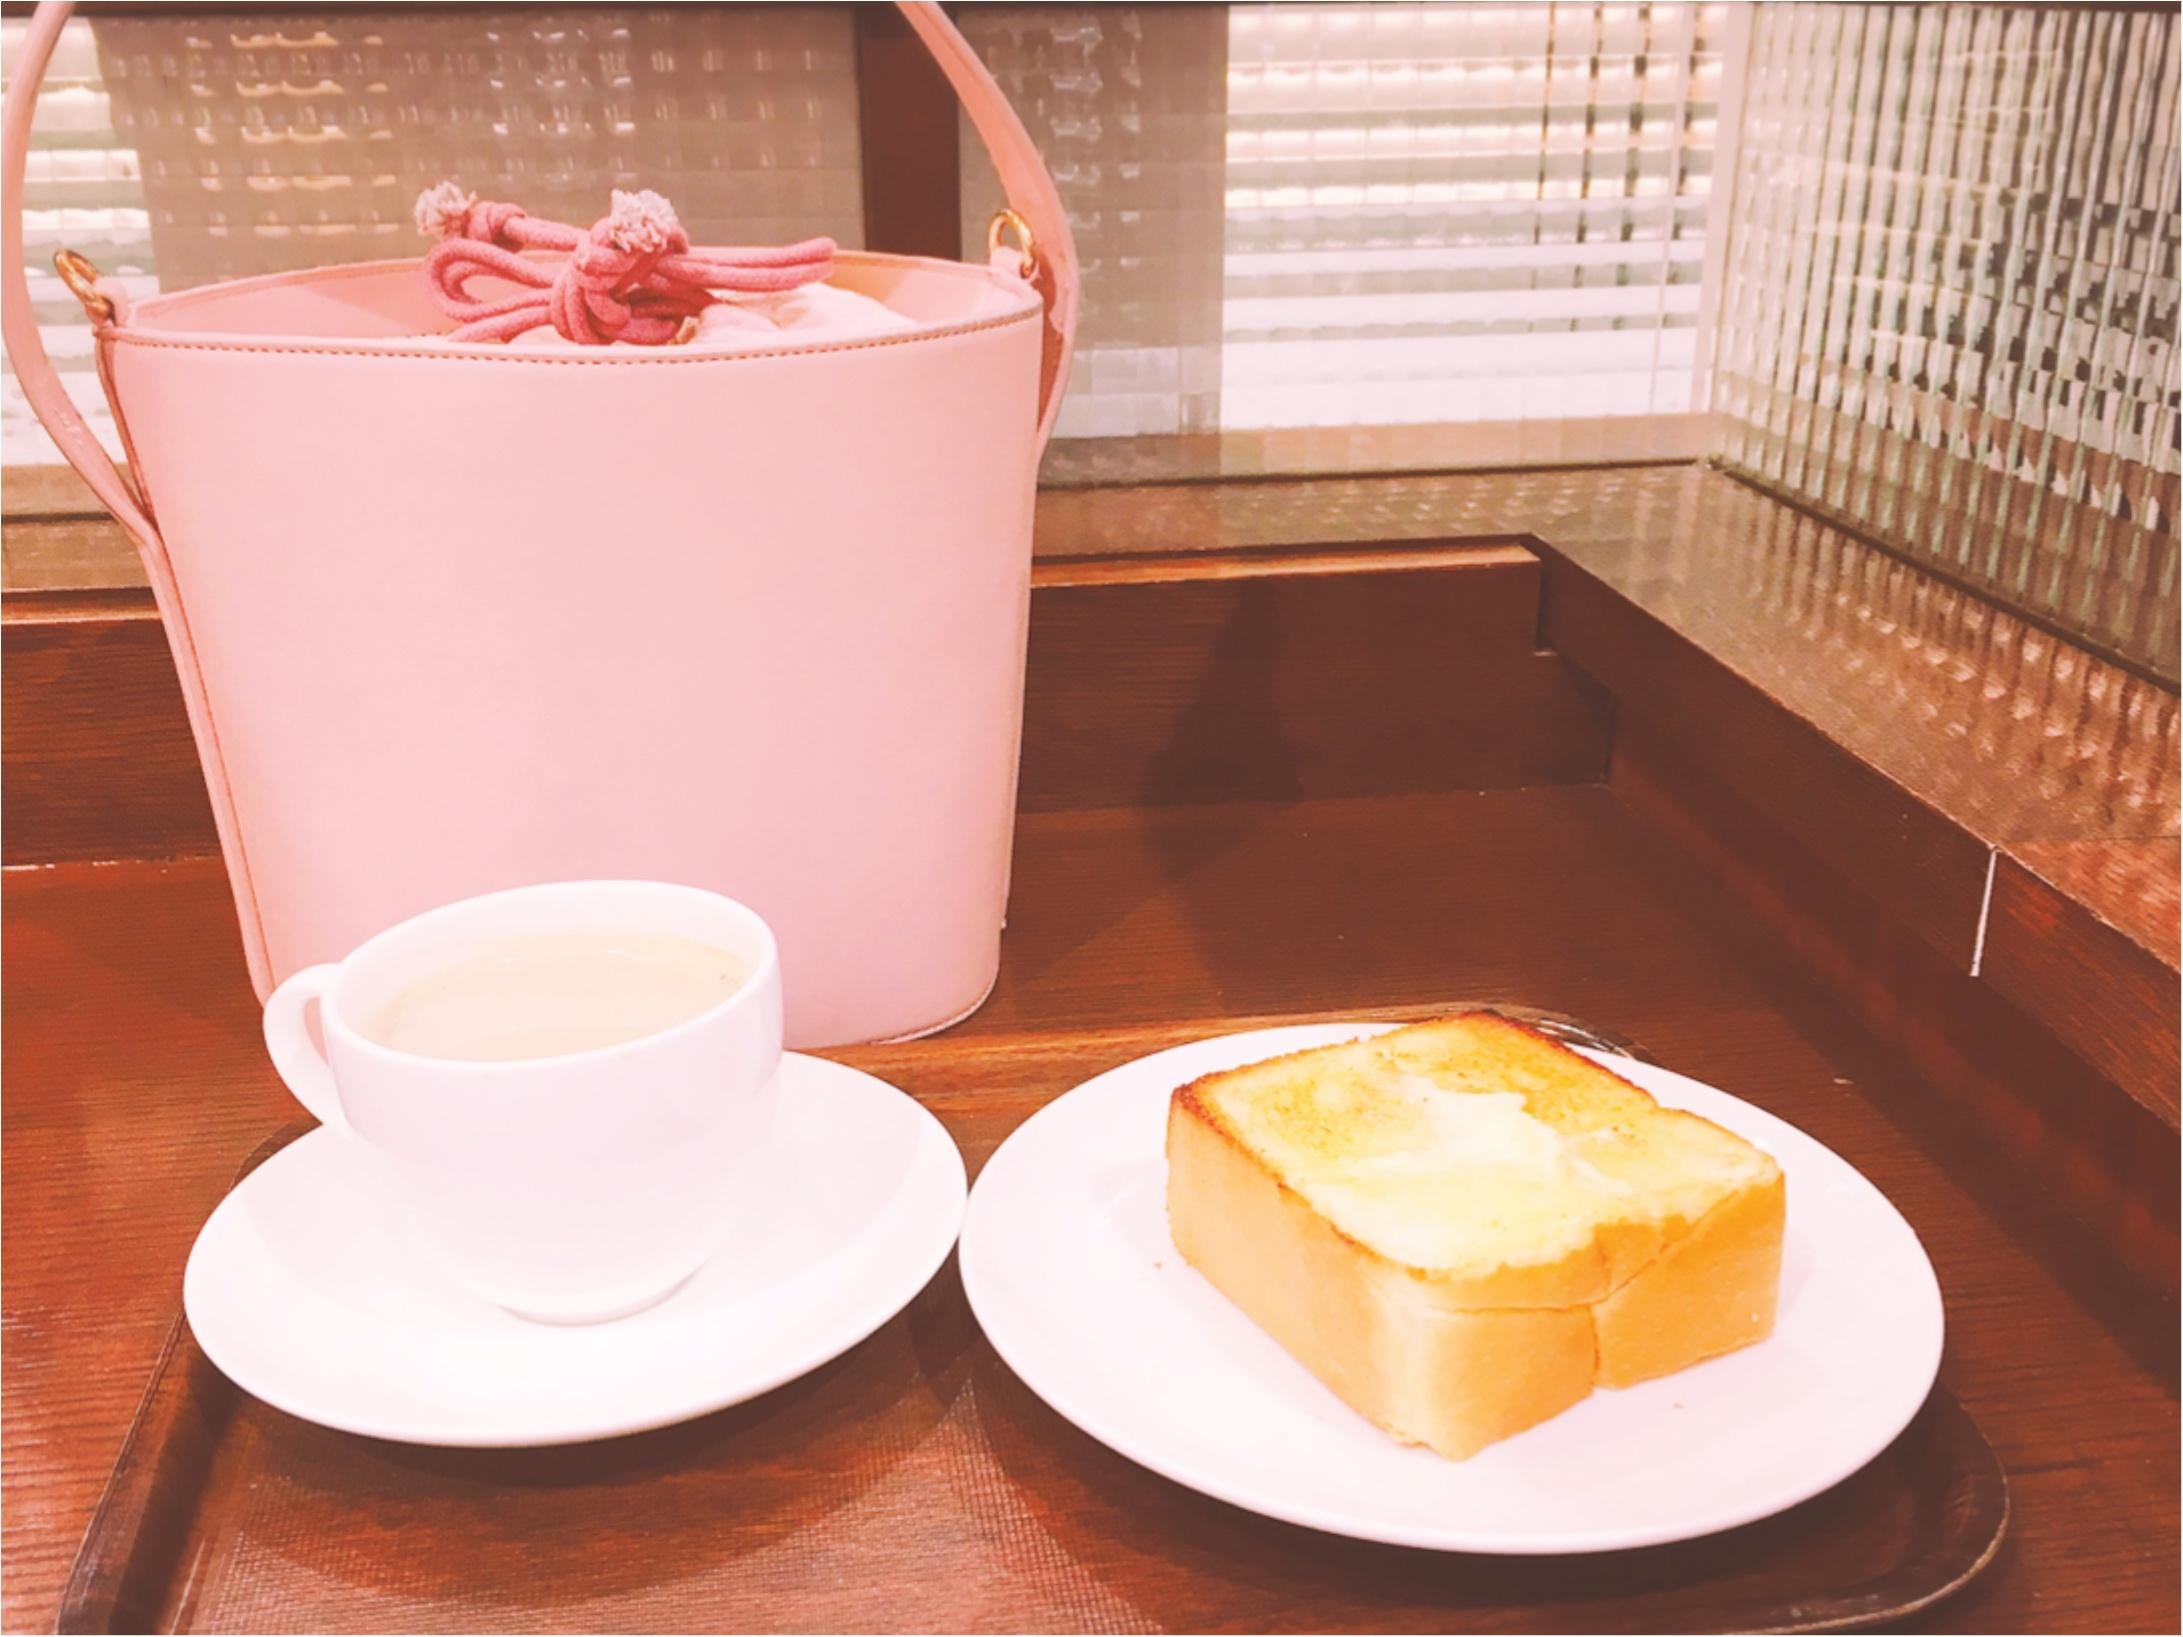 《ご当地モア❤︎大阪/神戸(兵庫)》おいしいトーストが食べたい!関西カフェ3選_1